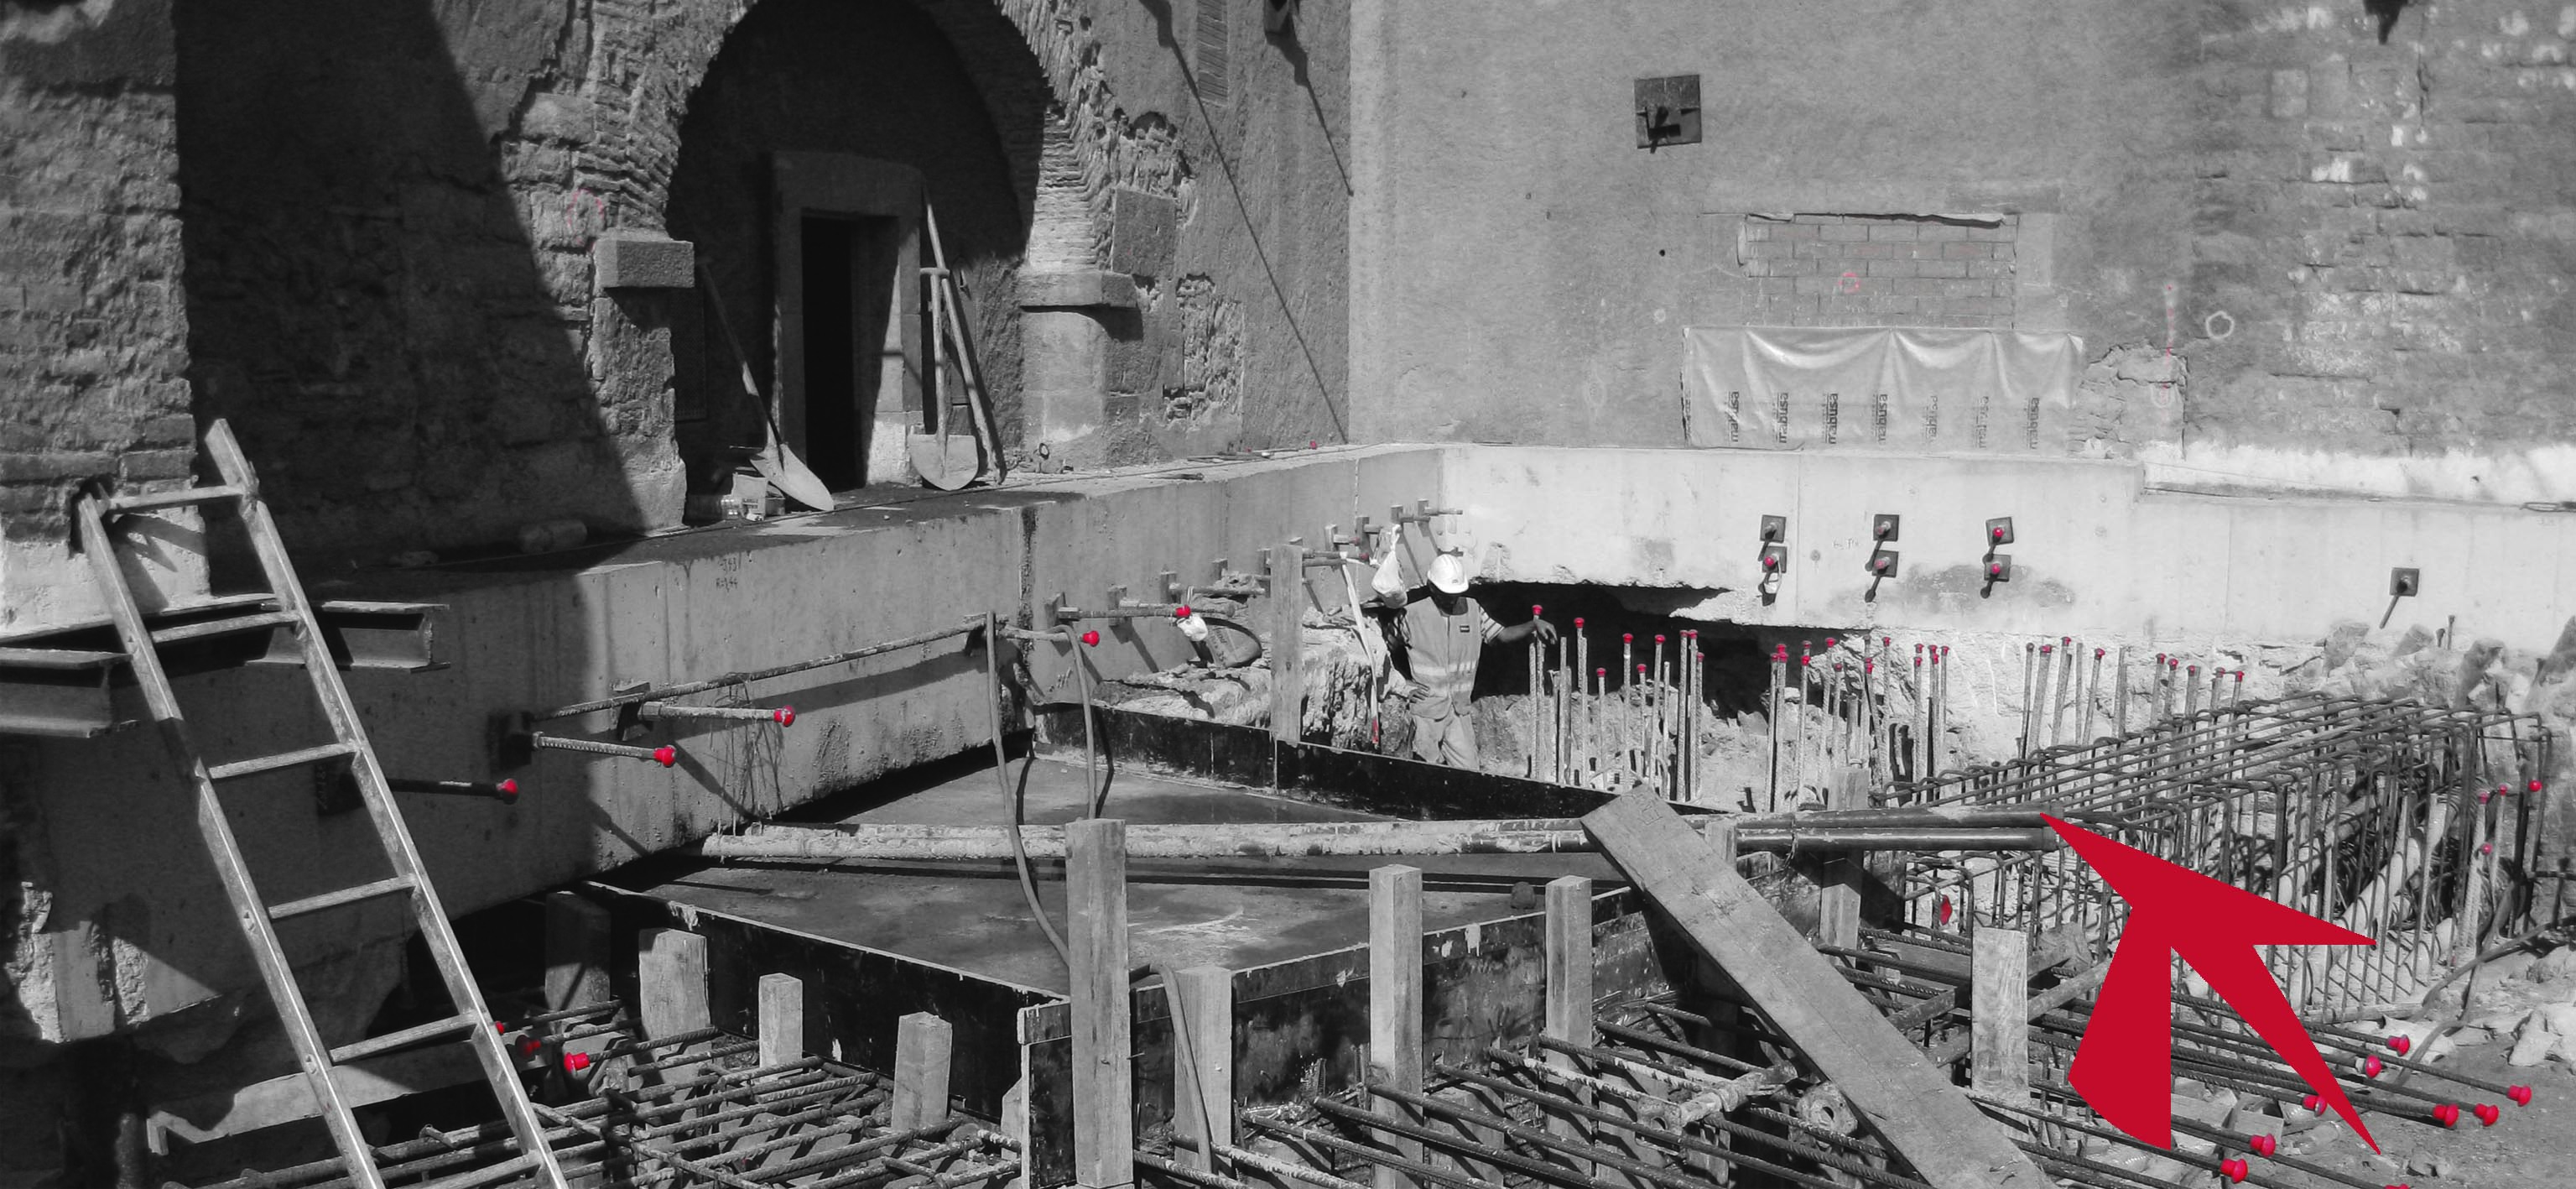 Estudio de arquitectura valencia ramada dise o urbanismo - Trabajo arquitecto valencia ...